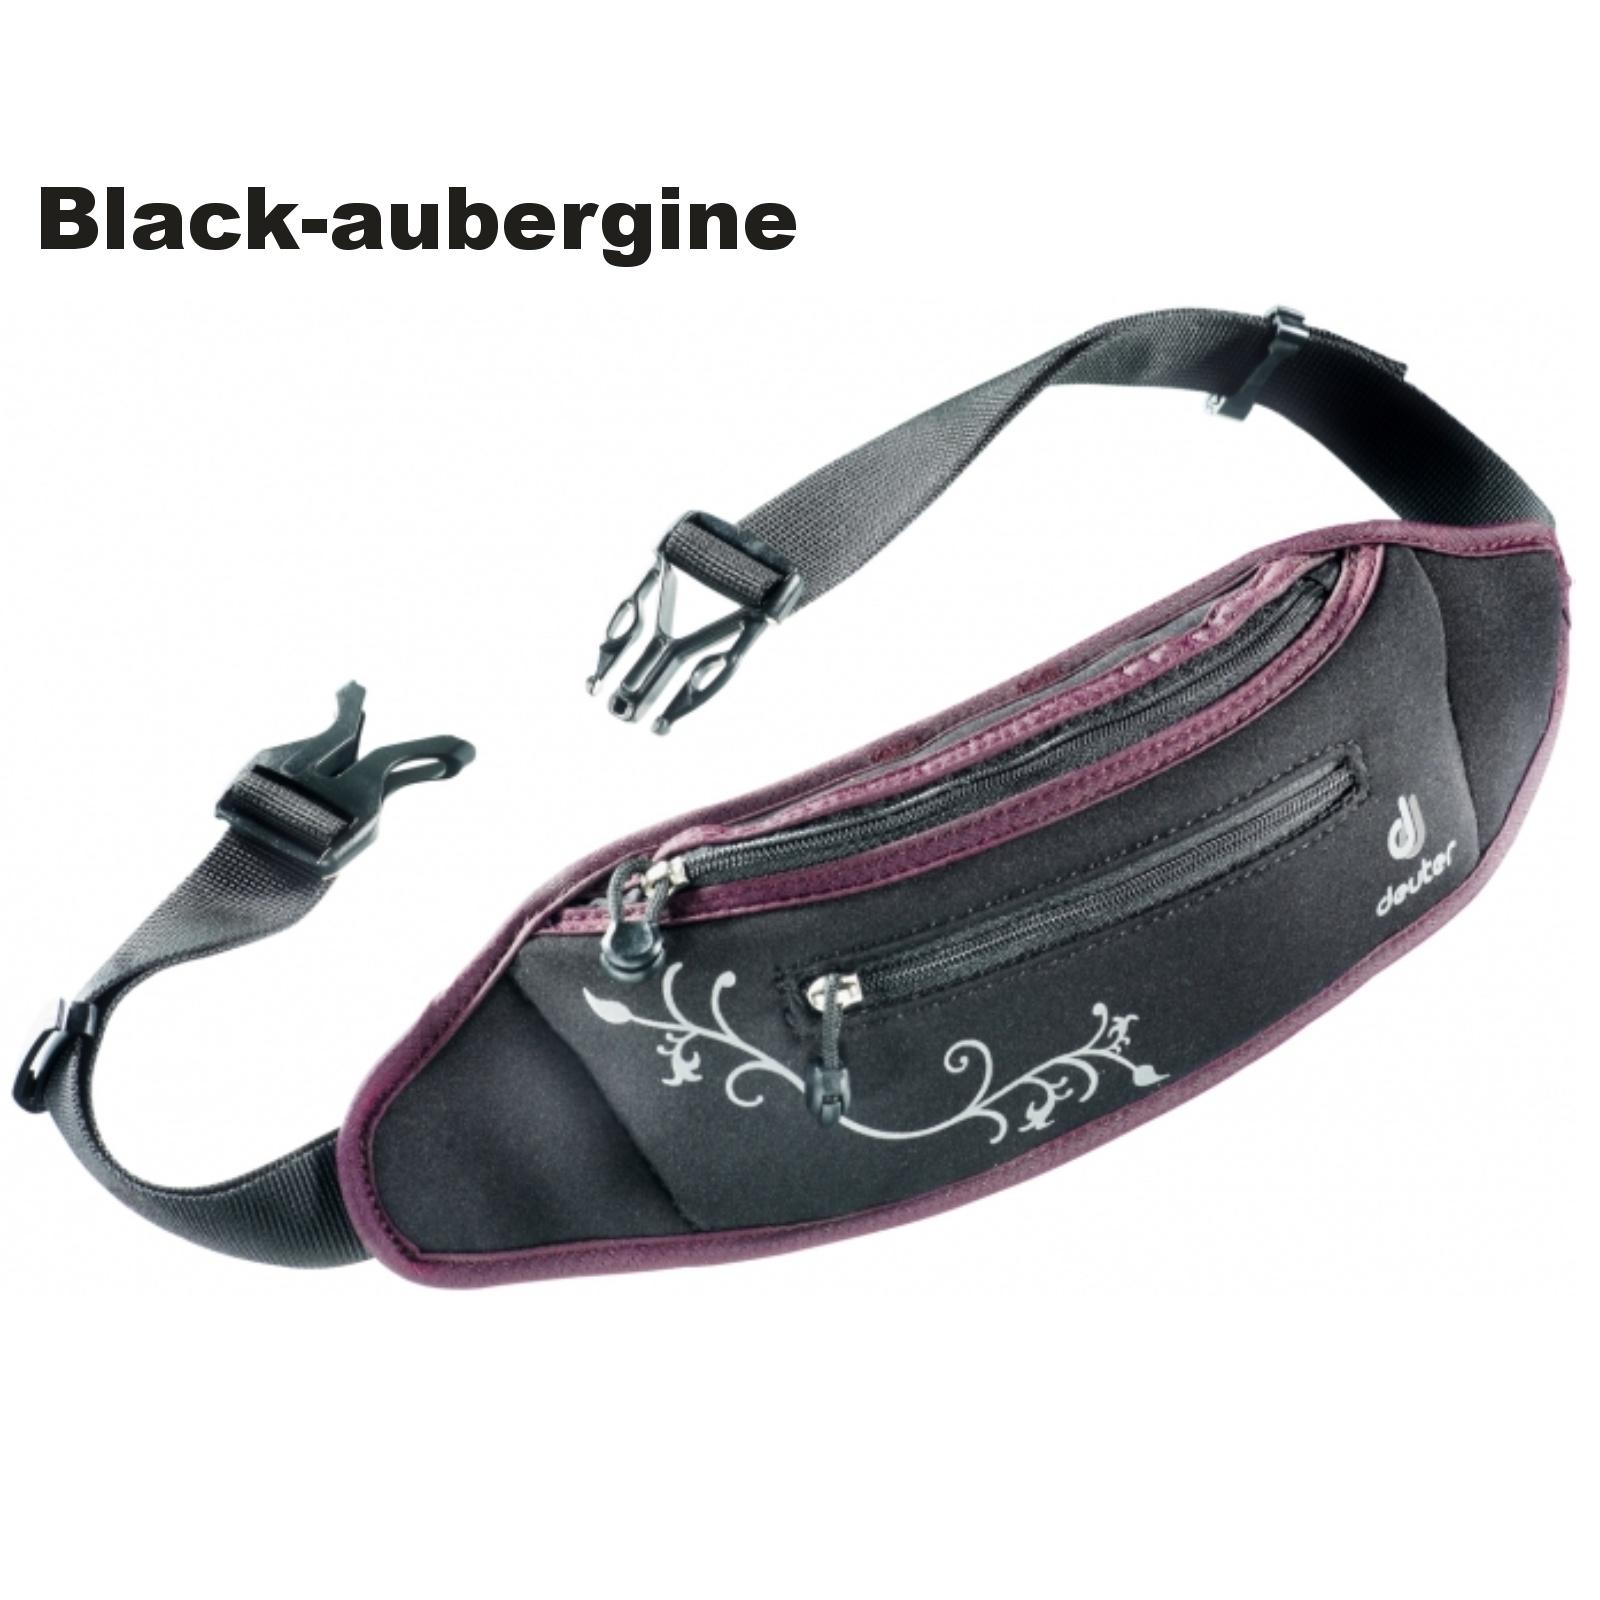 Ledvinka DEUTER Neo Belt I - black-aubergine